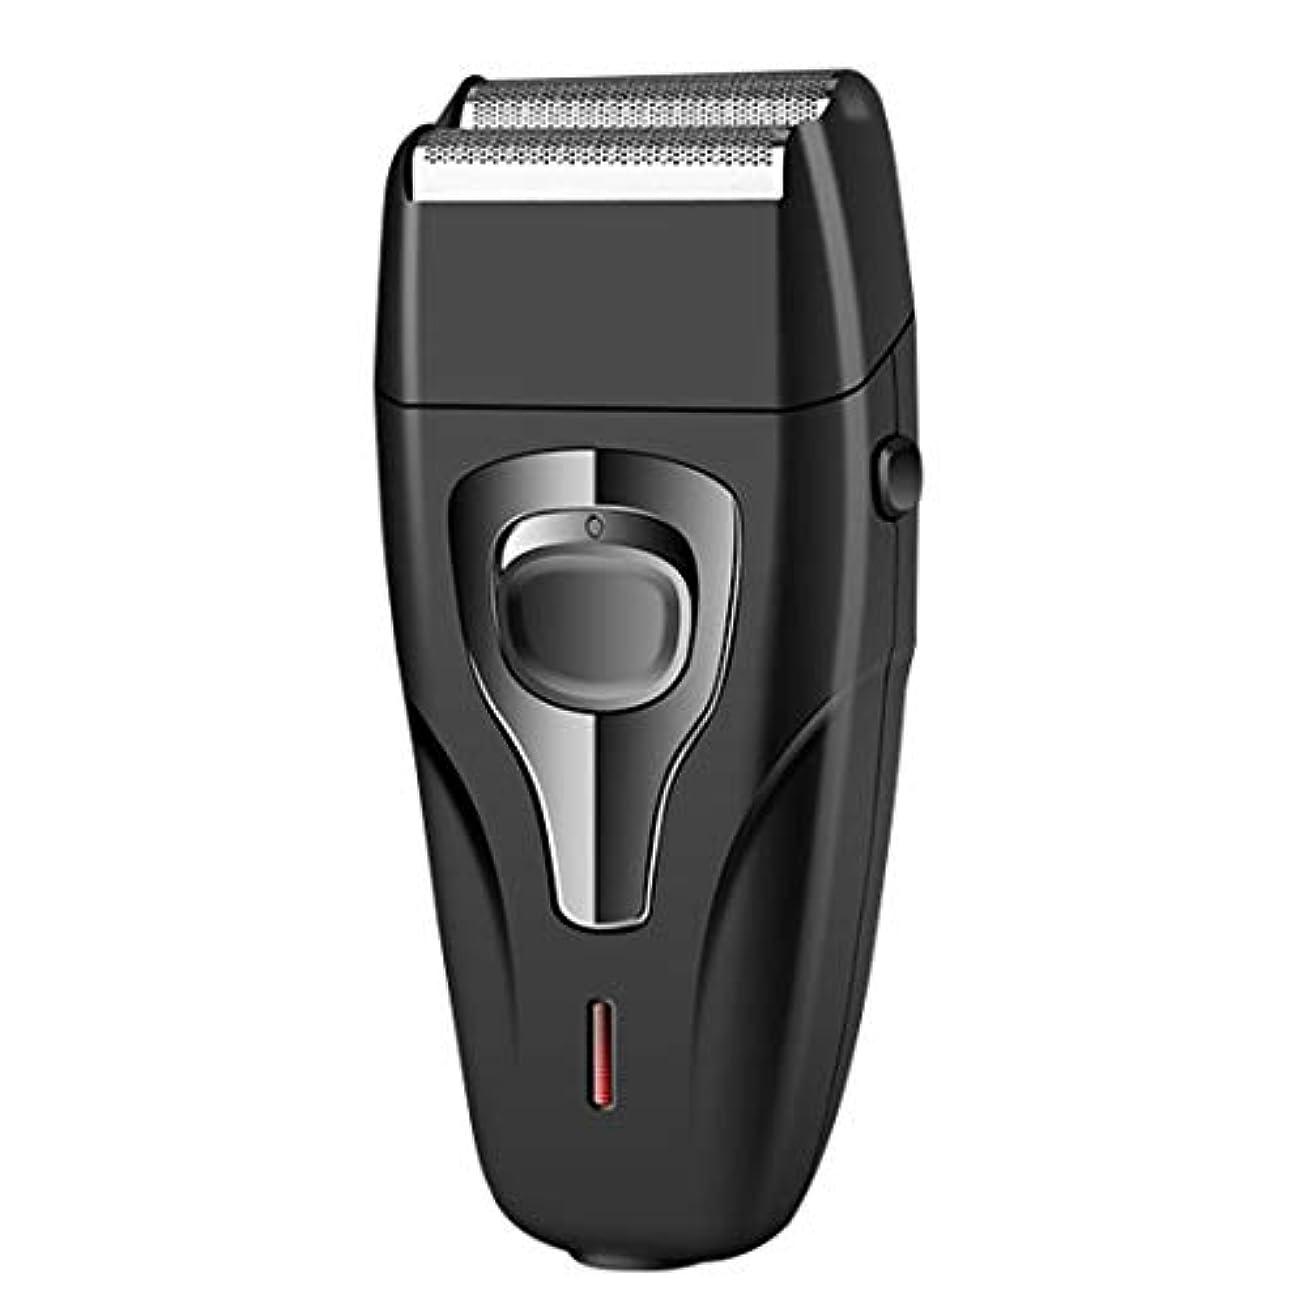 特派員腸特徴づける充電式電気シェーバー用男性ツインブレード往復かみそりフェイスケア多機能髪ひげトリマー理容ツール